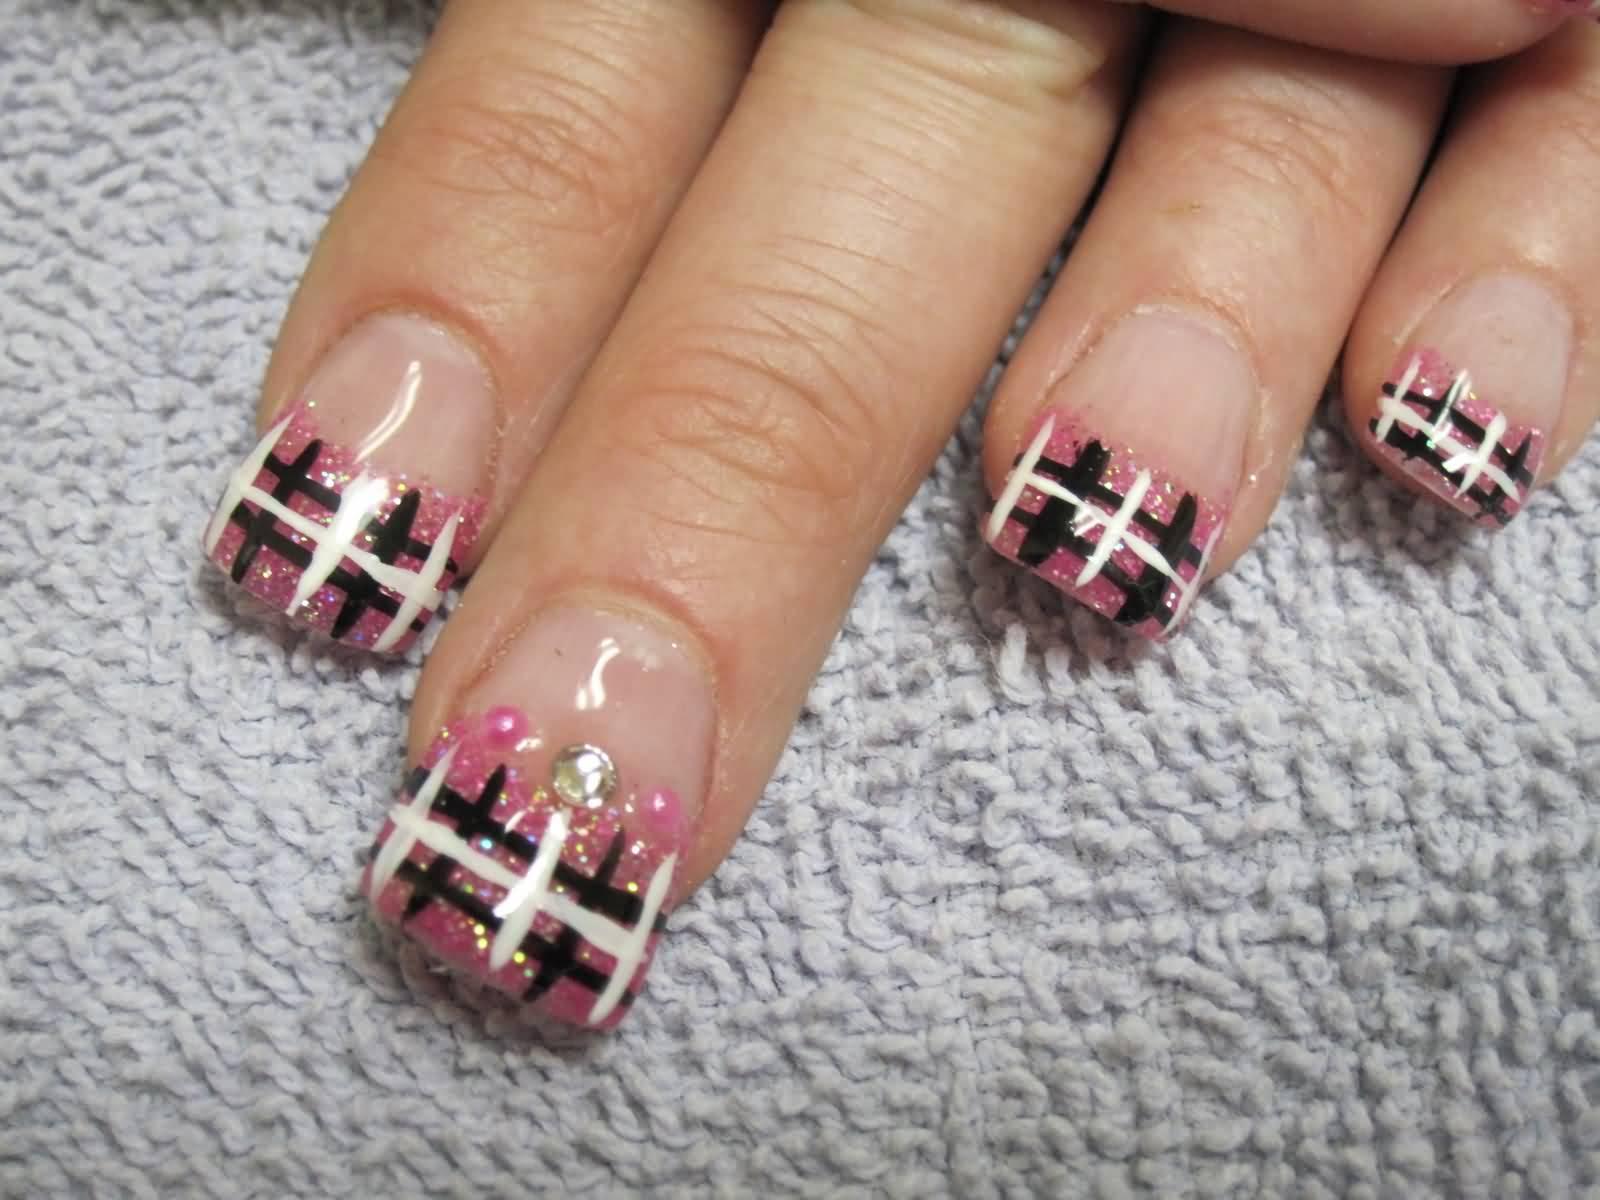 Las vegas themed nail art best nail 2017 pinterest the worlds vegas themed nail designs summer nail designs vegas themed nail art prinsesfo Choice Image